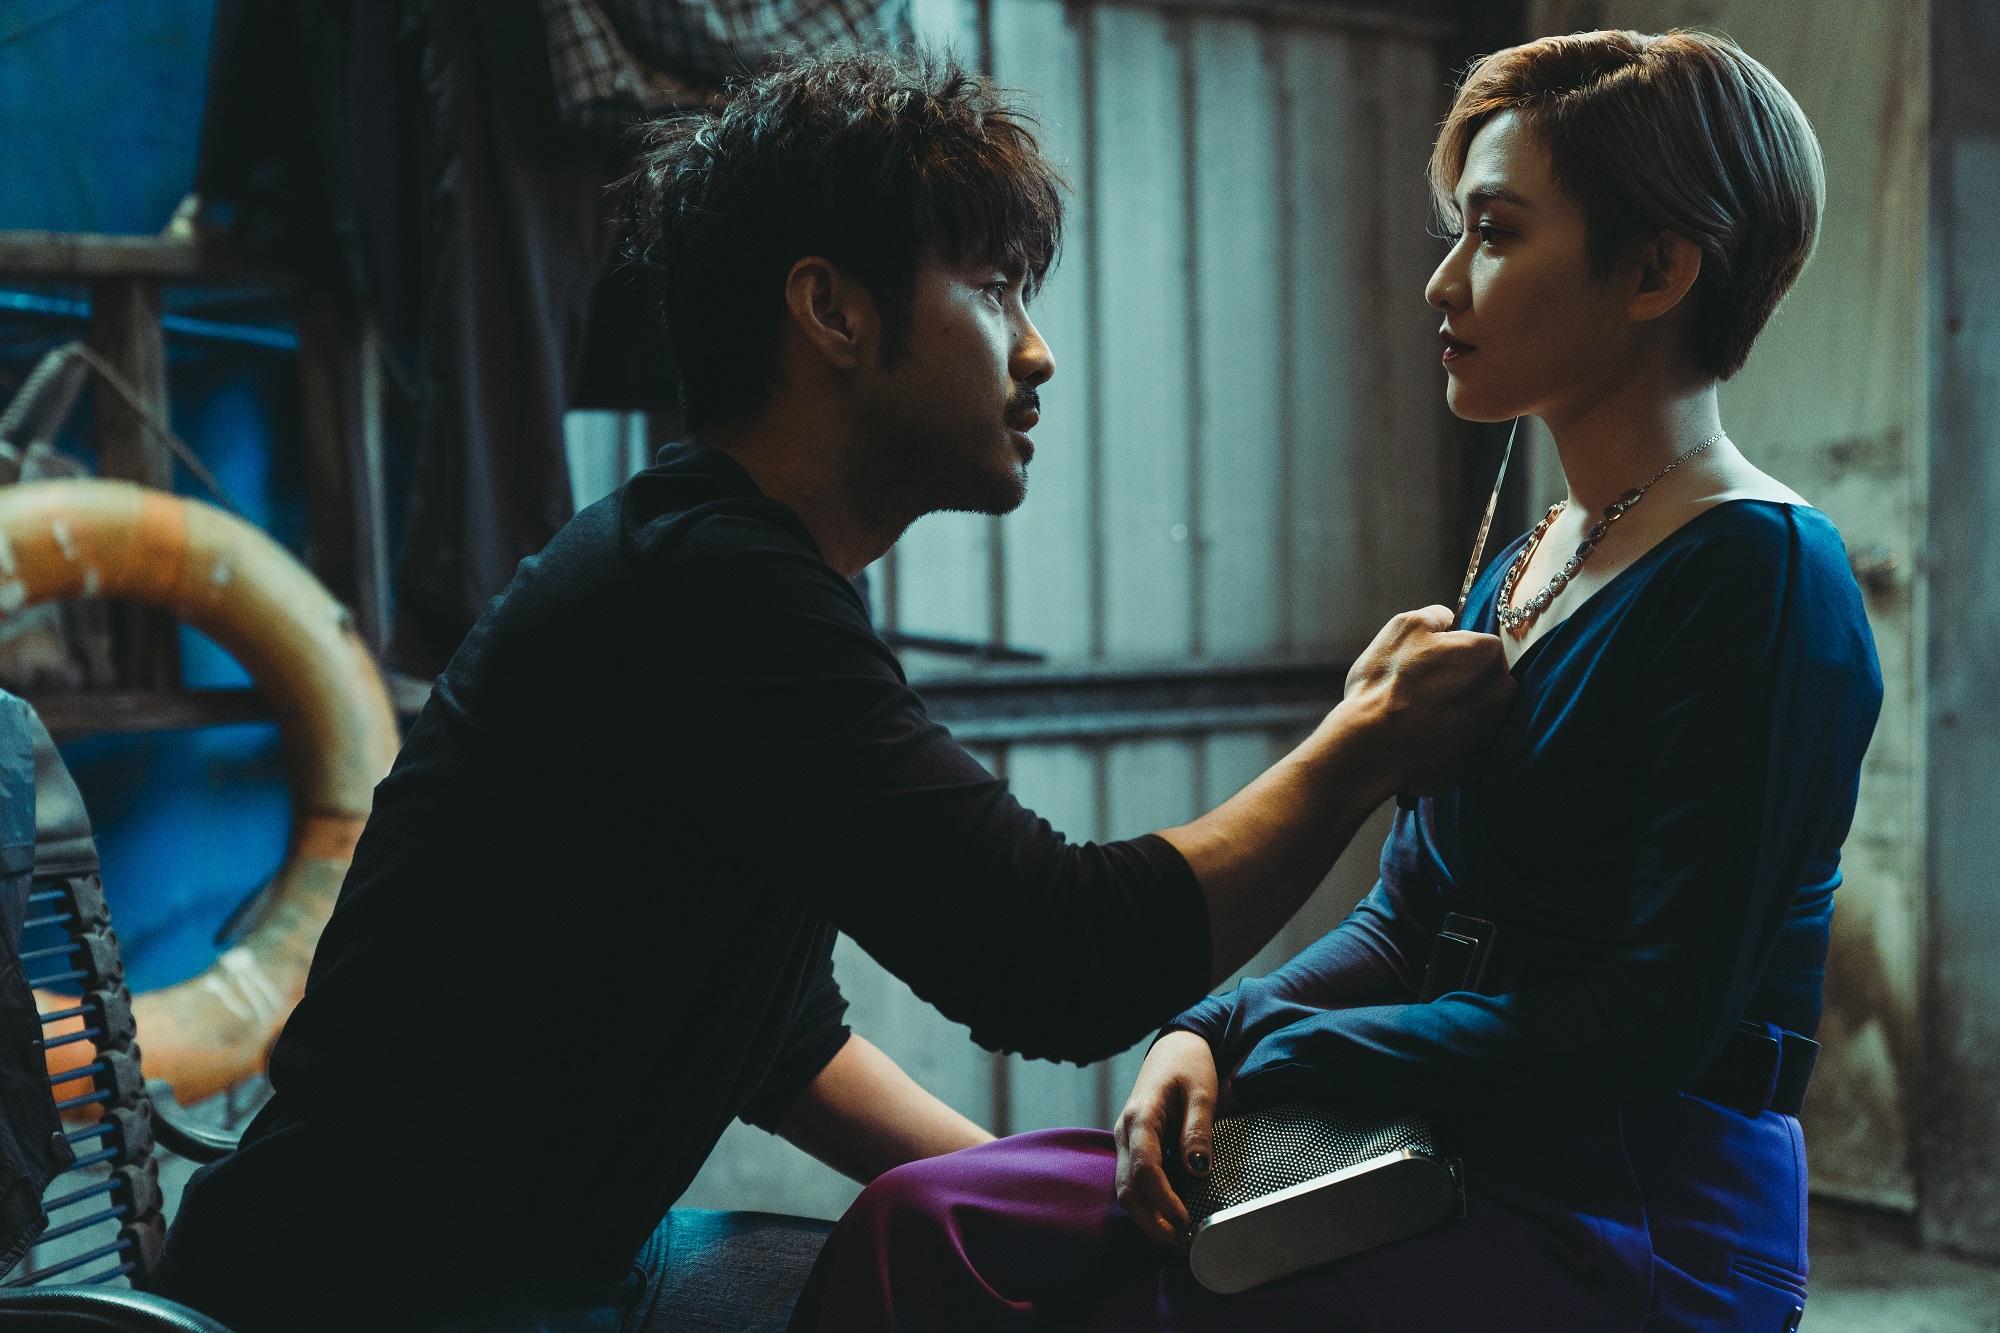 章立衡及范曉萱在《罪夢者》中拿刀互相威脅,狠勁十足、狂飆演技,讓人感受劍拔弩張的緊張氣氛